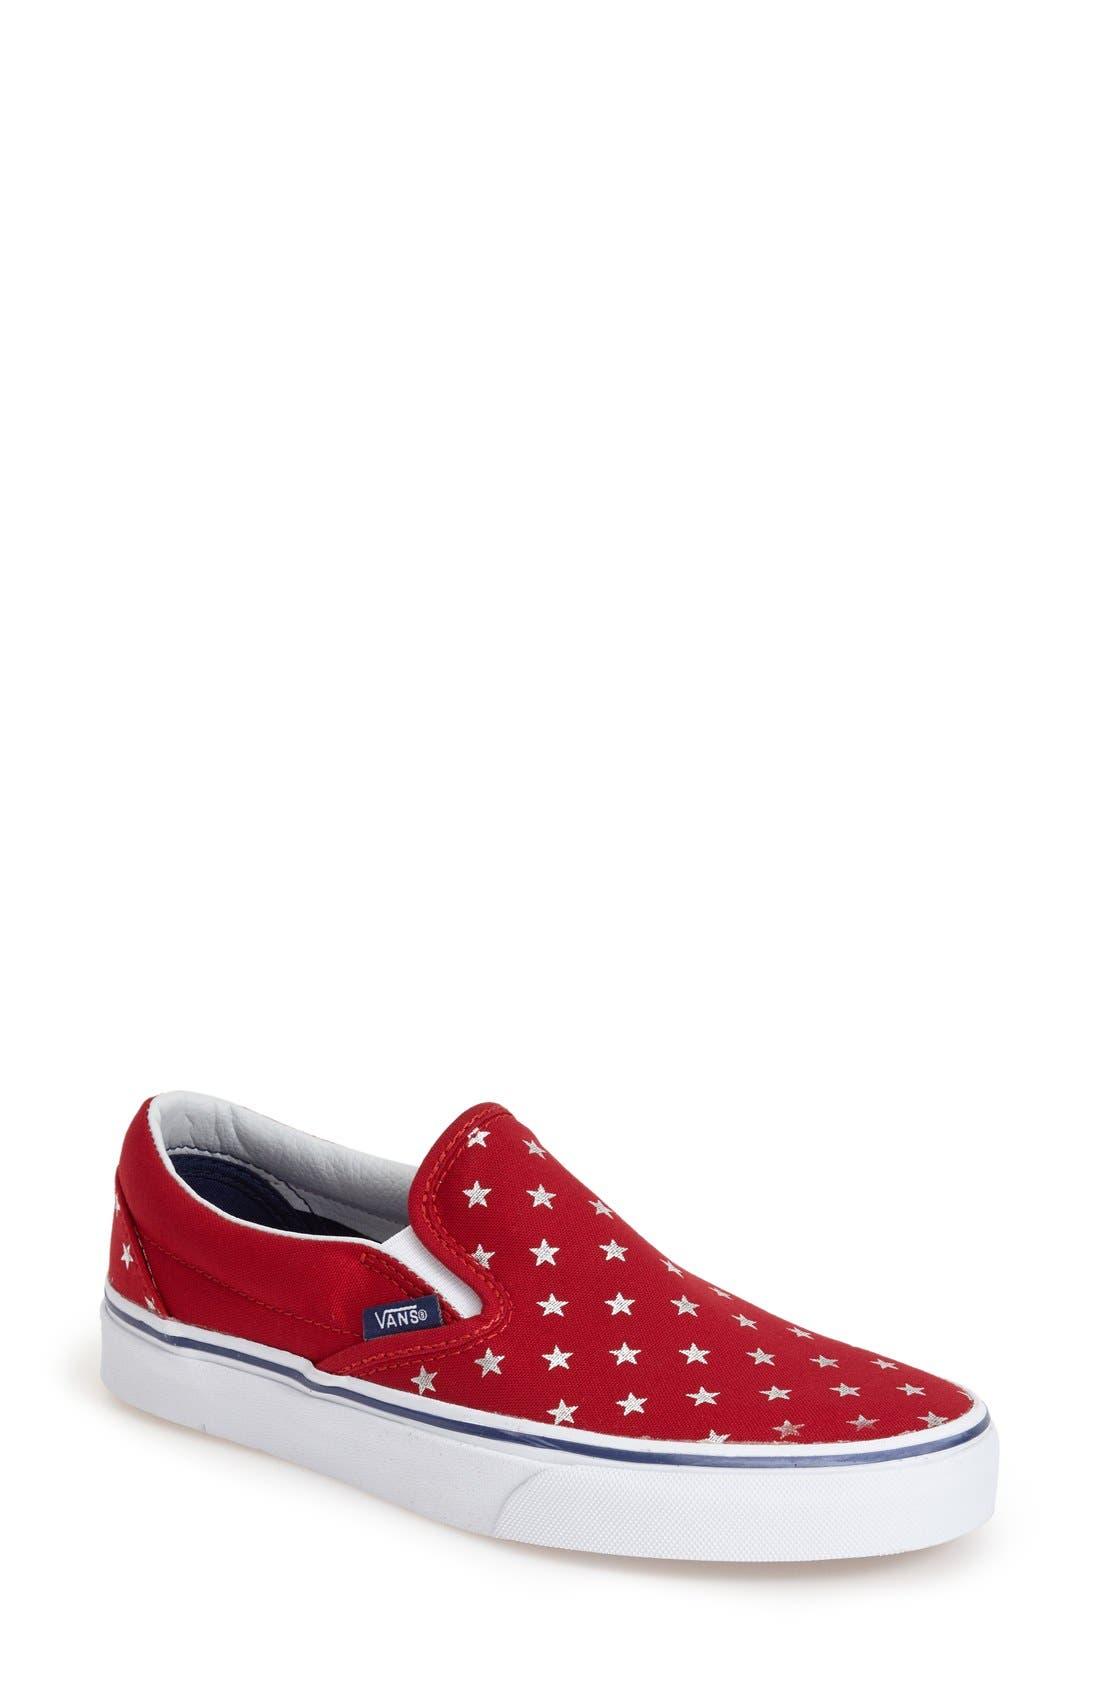 Alternate Image 1 Selected - Vans 'Classic - Stars' Slip-On Sneaker (Women)